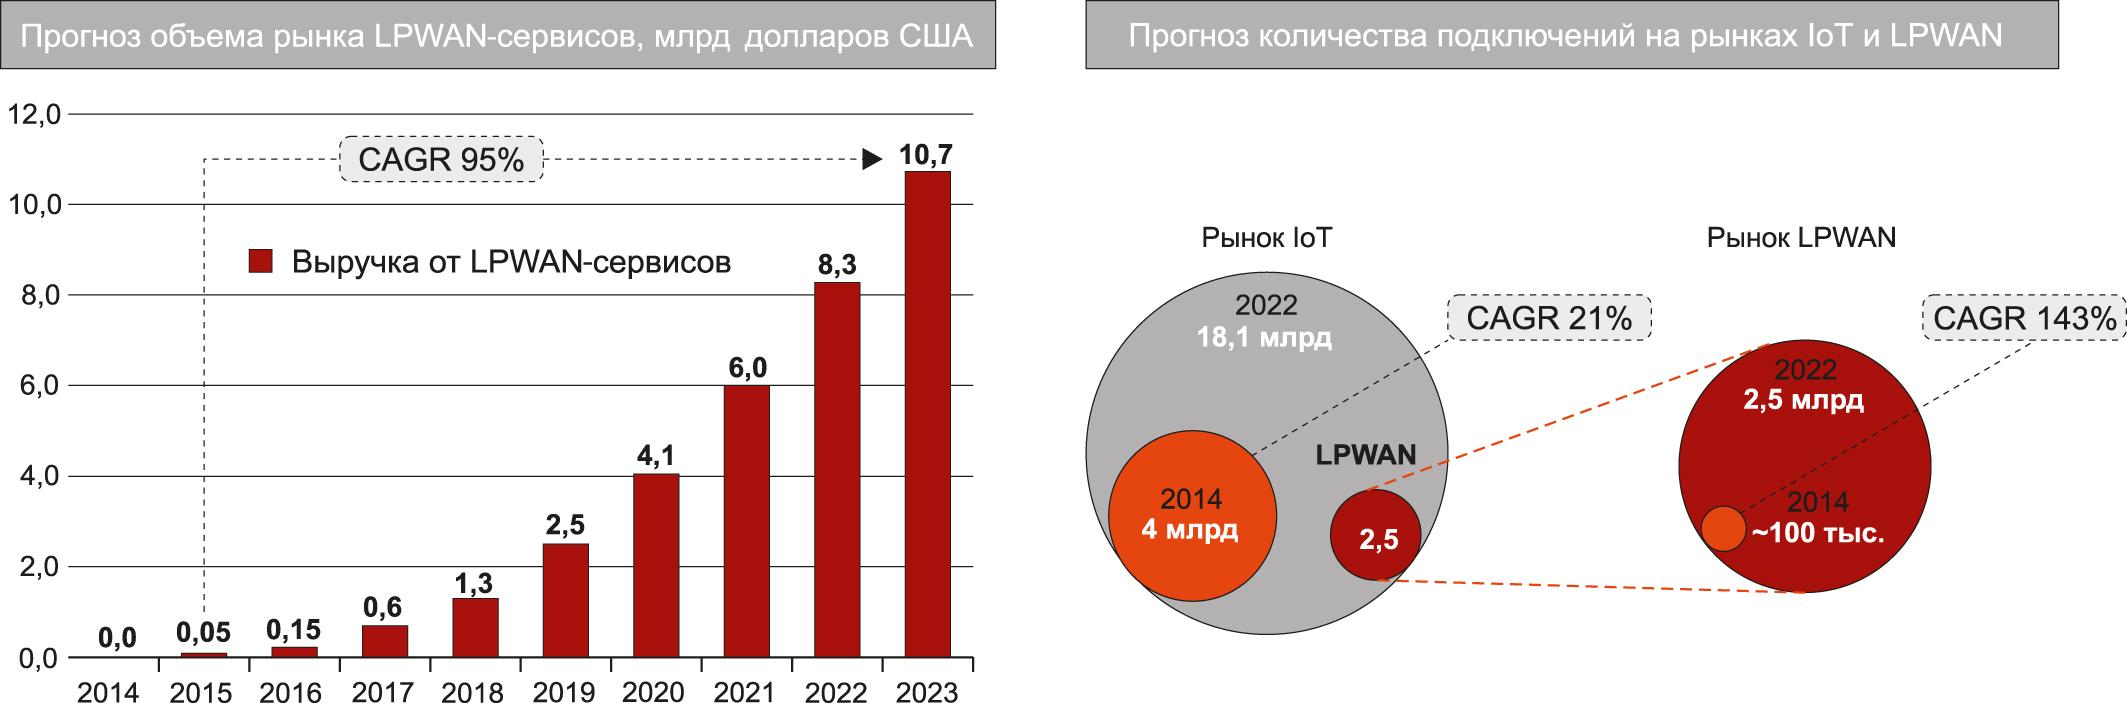 Прогноз развития рынков IoT и LPWAN